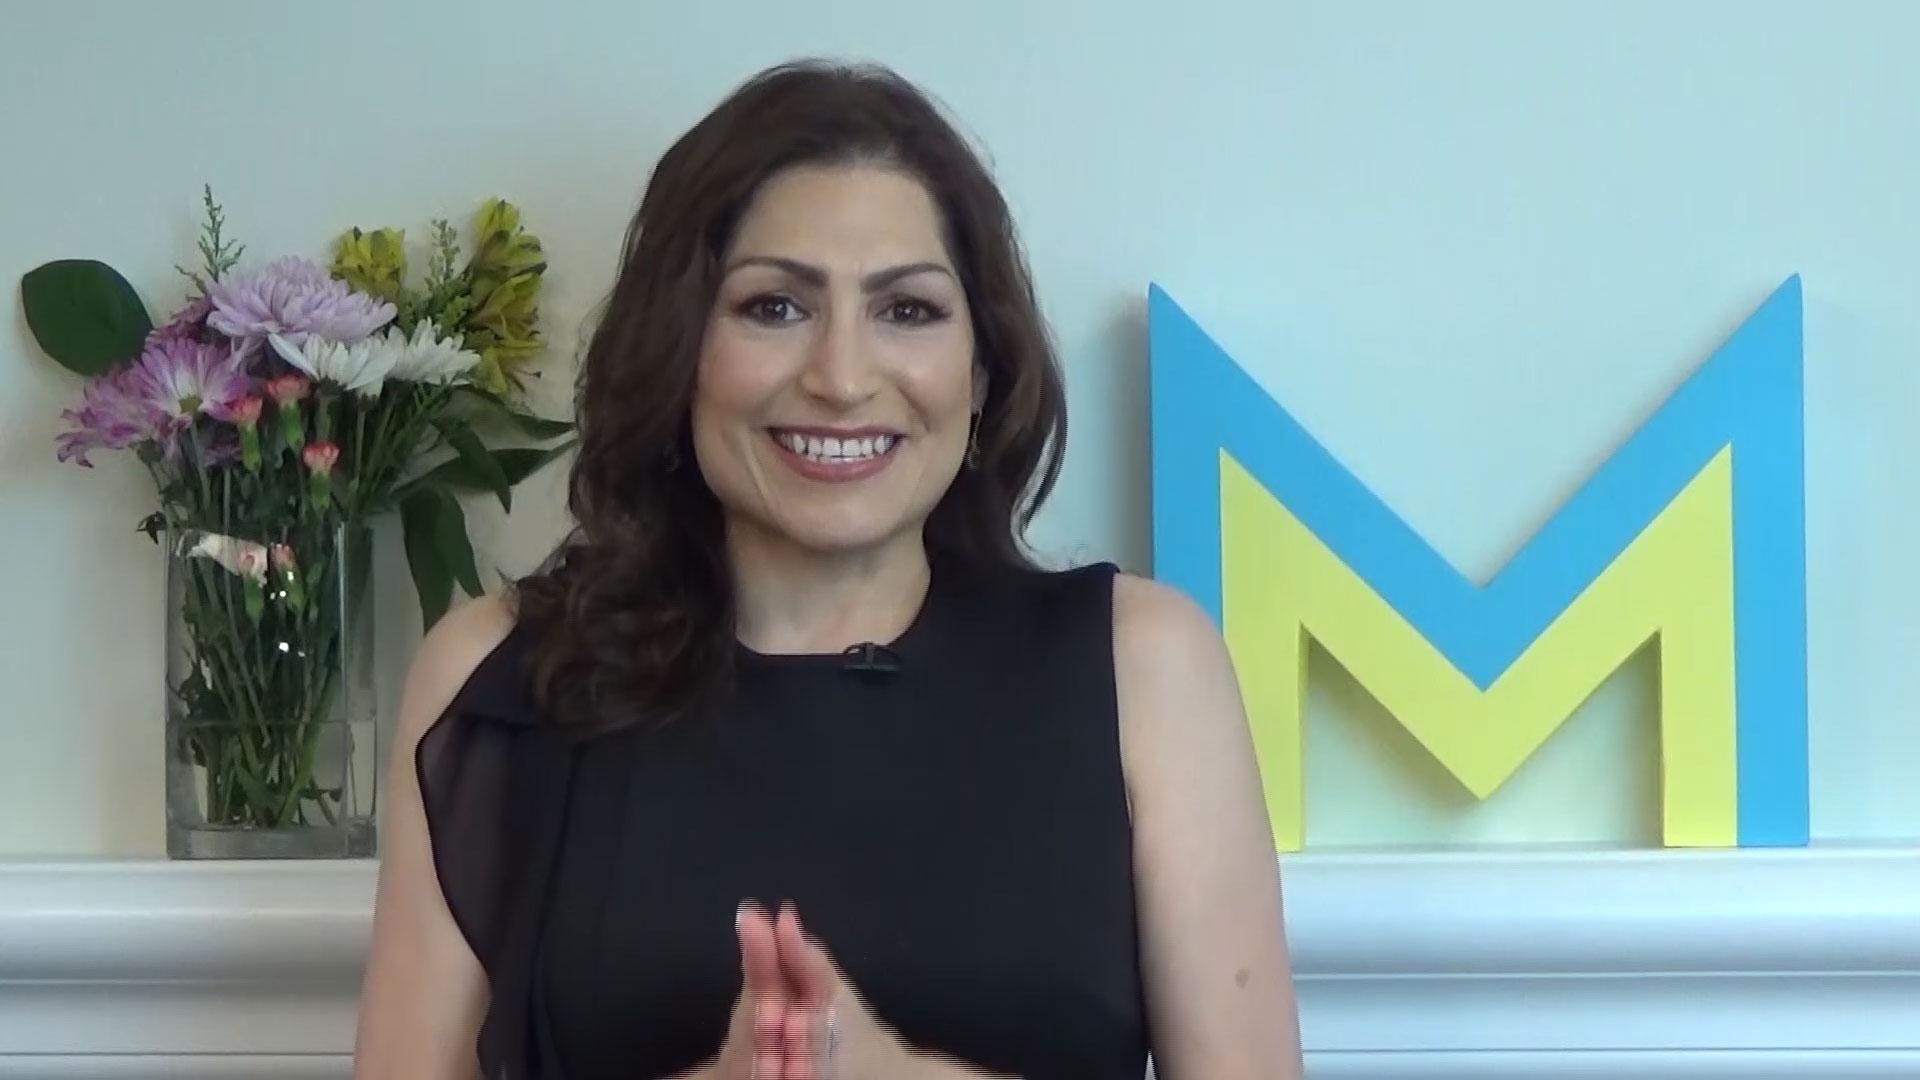 Monica Ortiz smiling